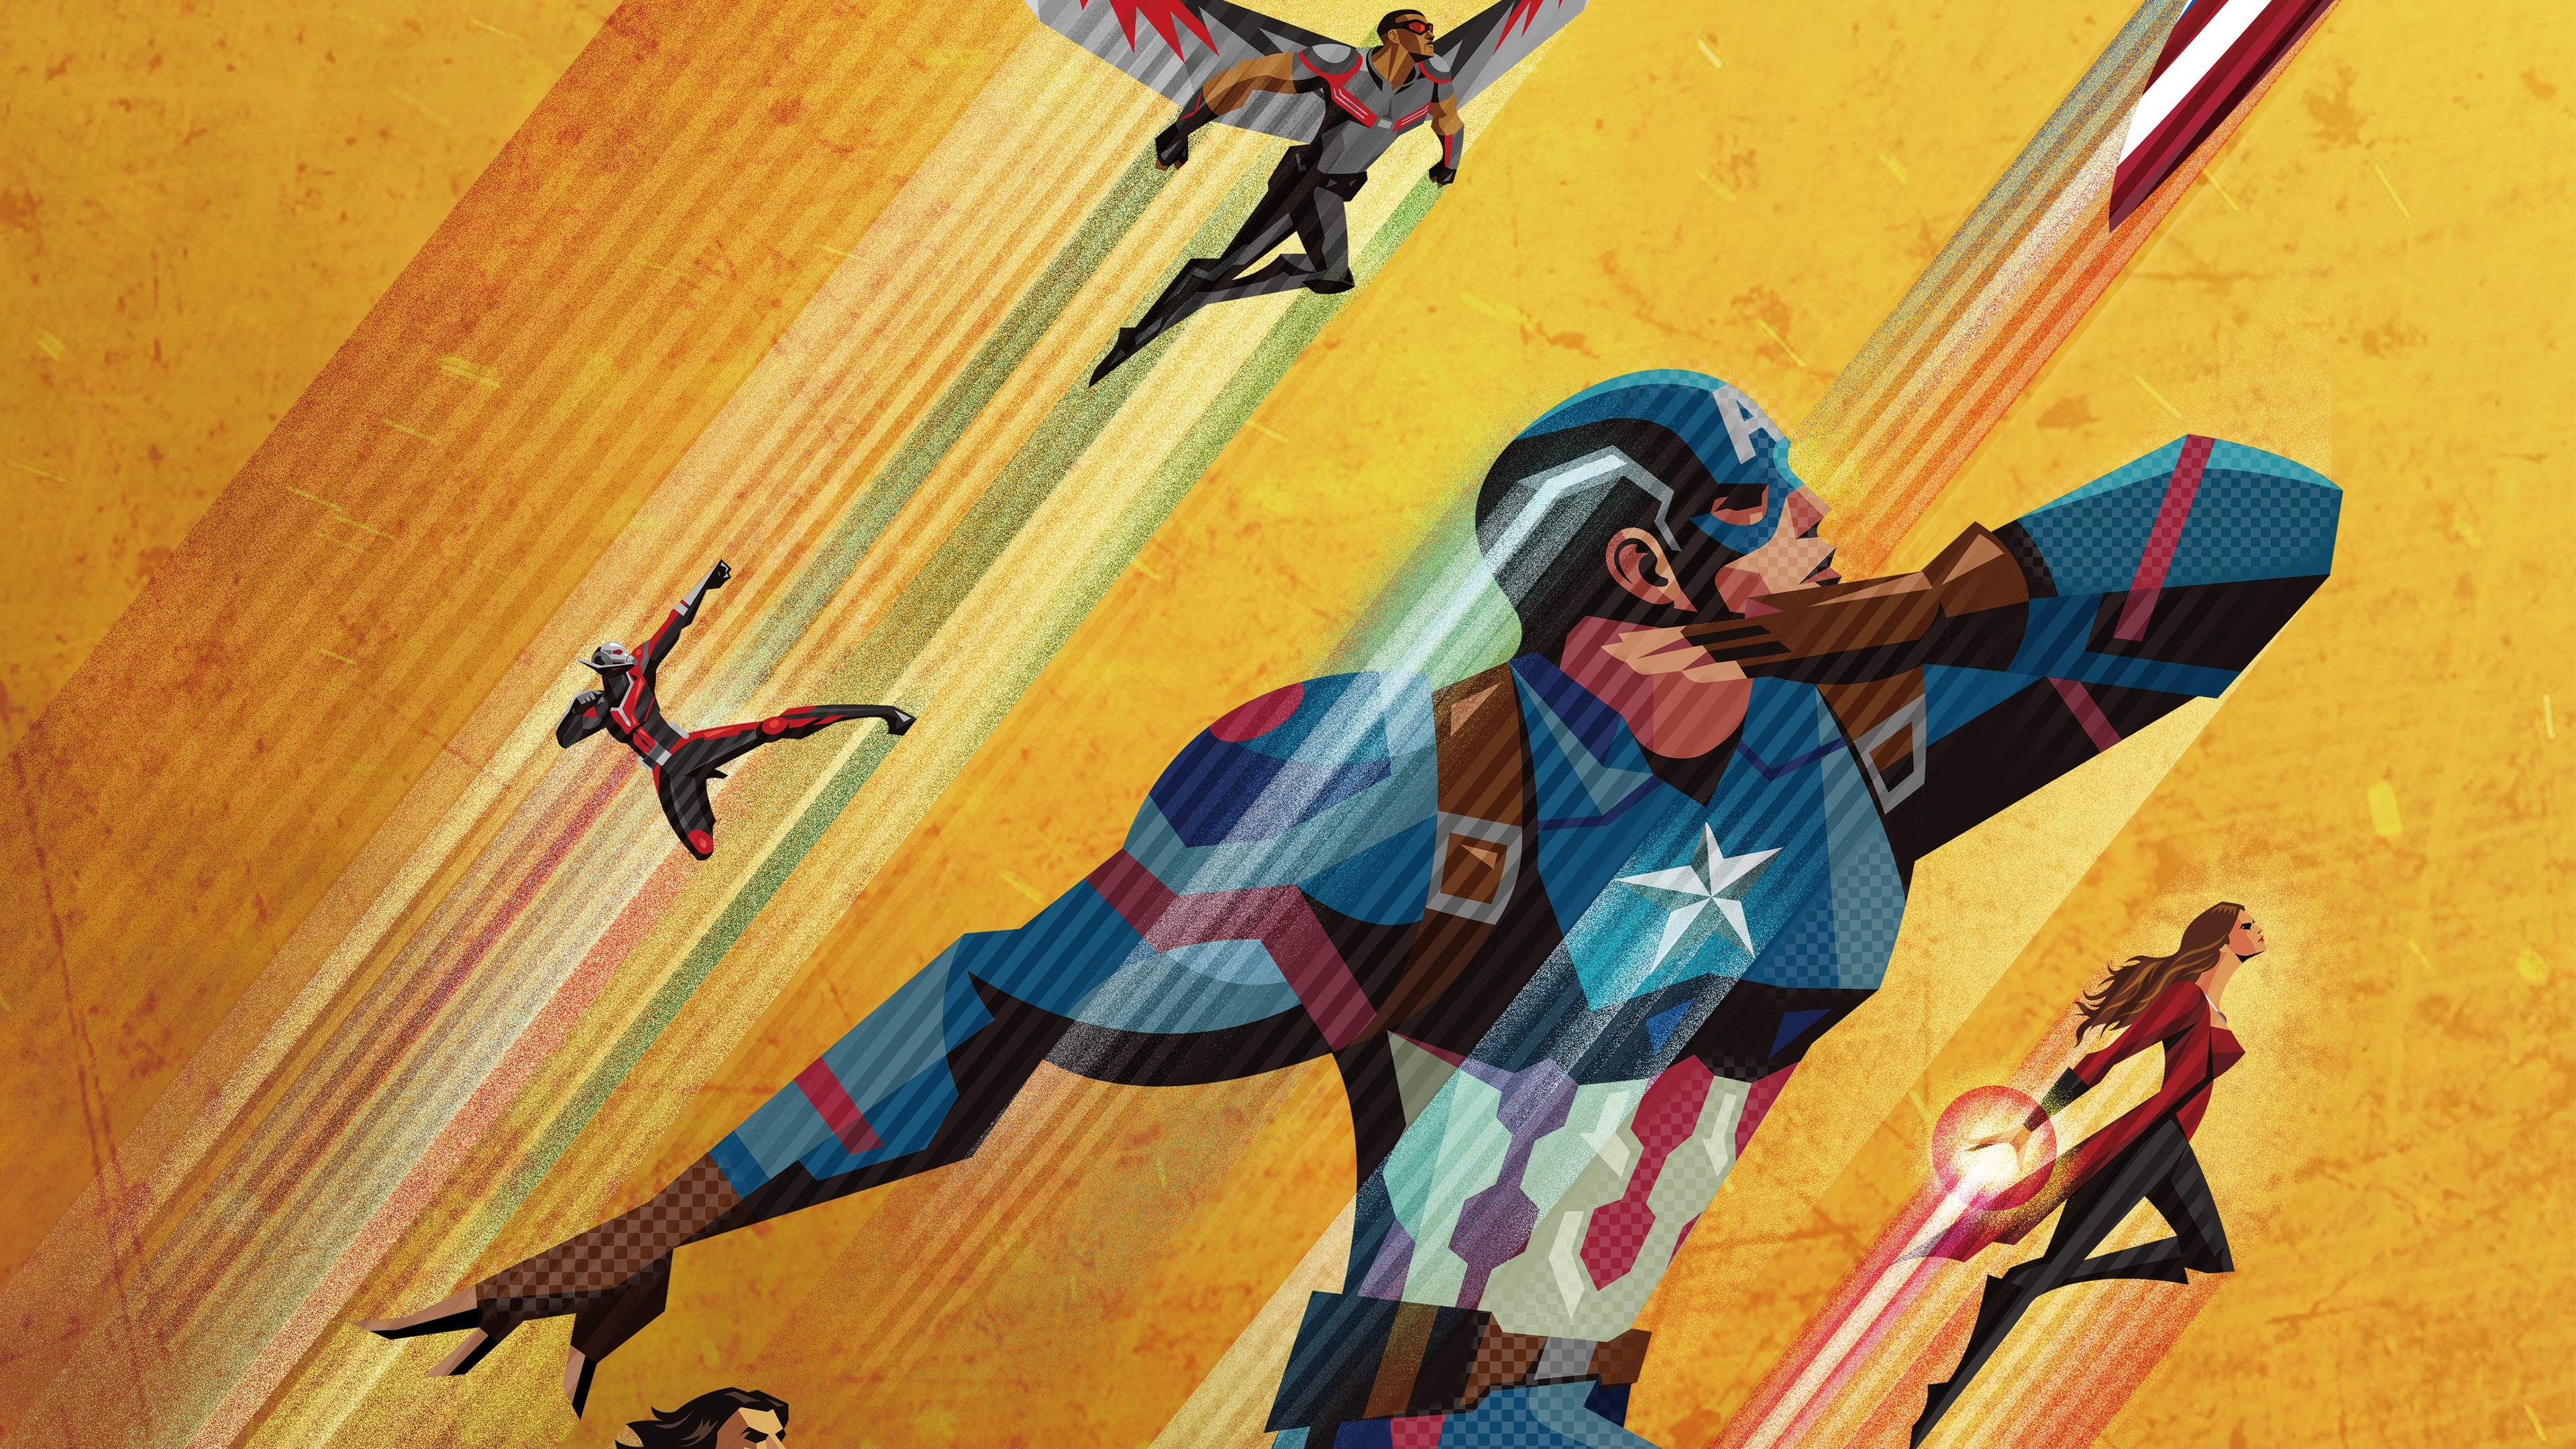 team captain america civil war 1536521789 - Team Captain America Civil War - wanda maximoff wallpapers, superheroes wallpapers, hd-wallpapers, falcon wallpapers, captain america wallpapers, artwork wallpapers, ant man wallpapers, 4k-wallpapers